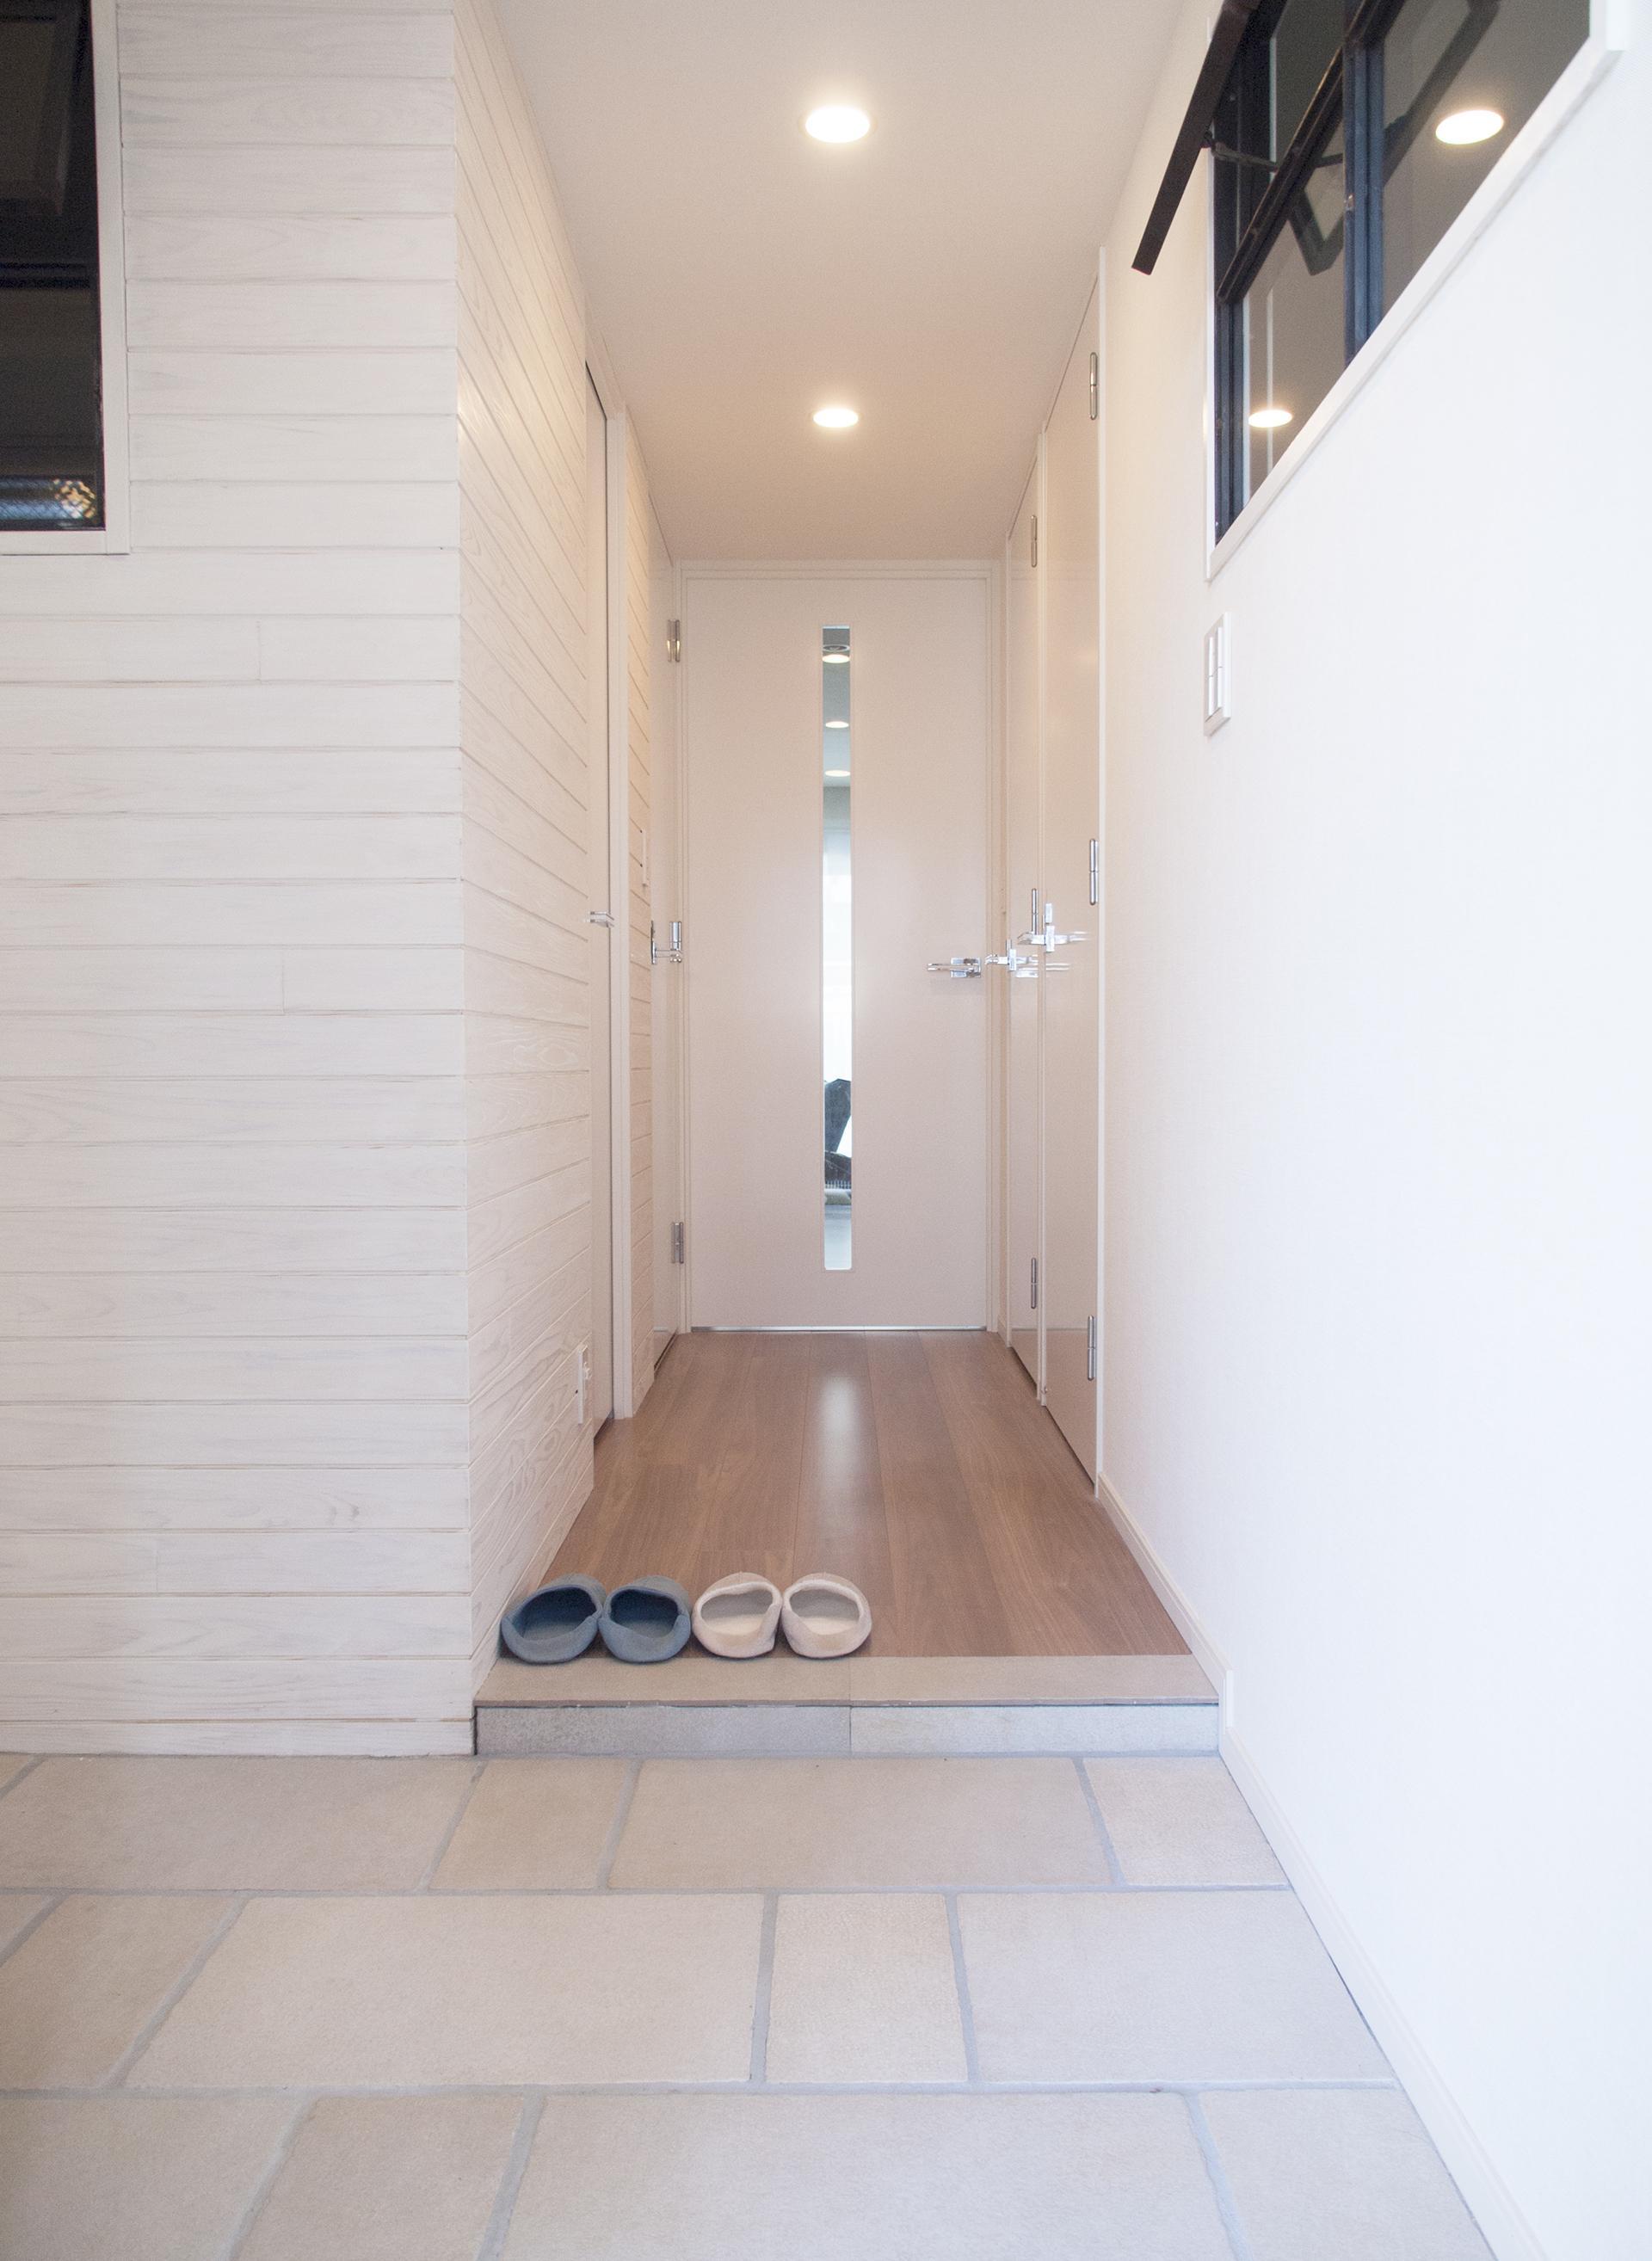 建築家とつくりあげた理想のリノベーション空間の部屋 広いタイルの土間空間